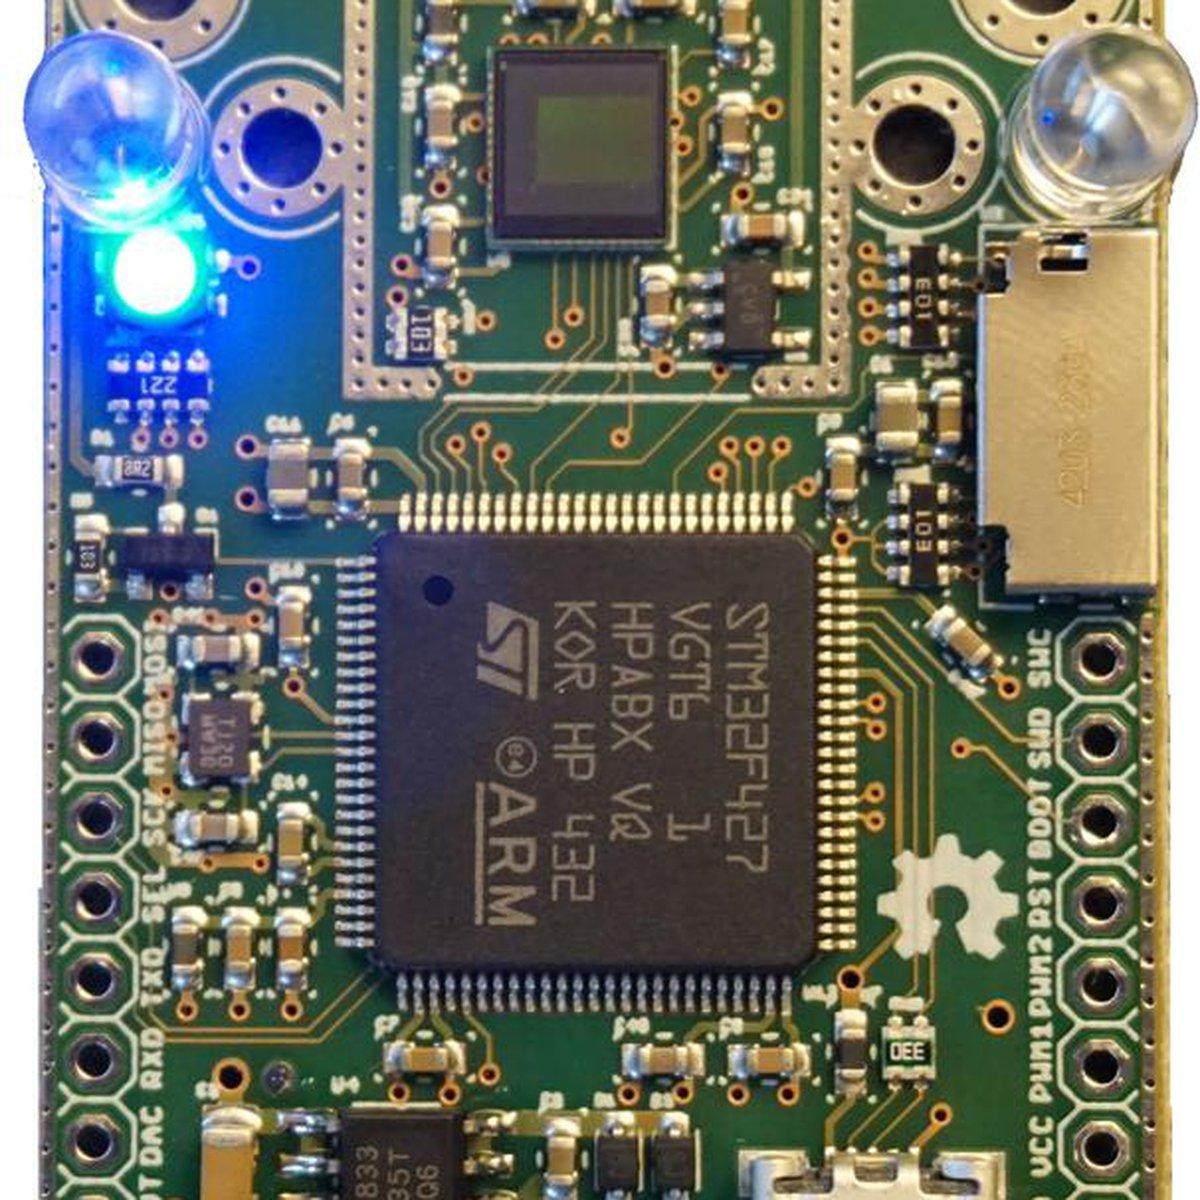 OpenMV boards